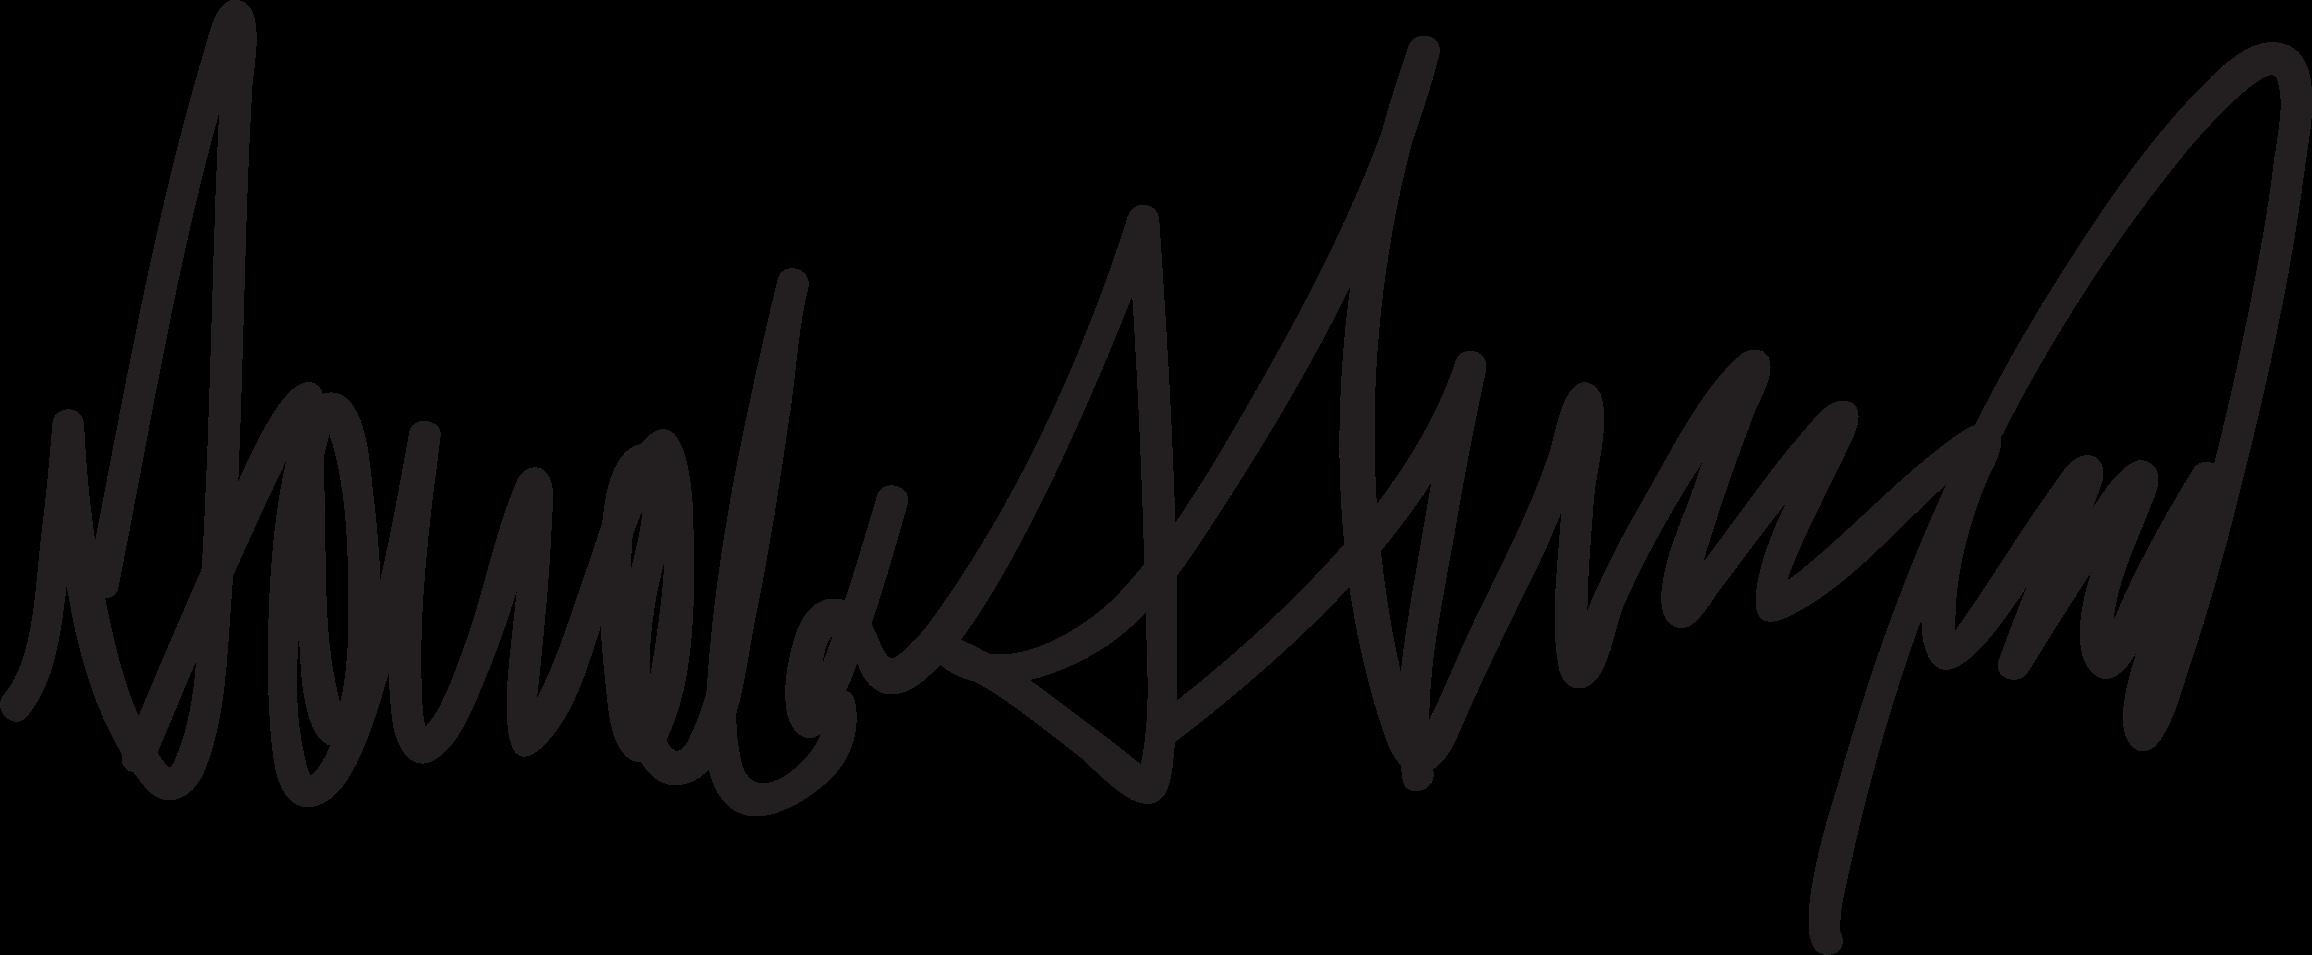 Donald Trump Signature vector clipart image.